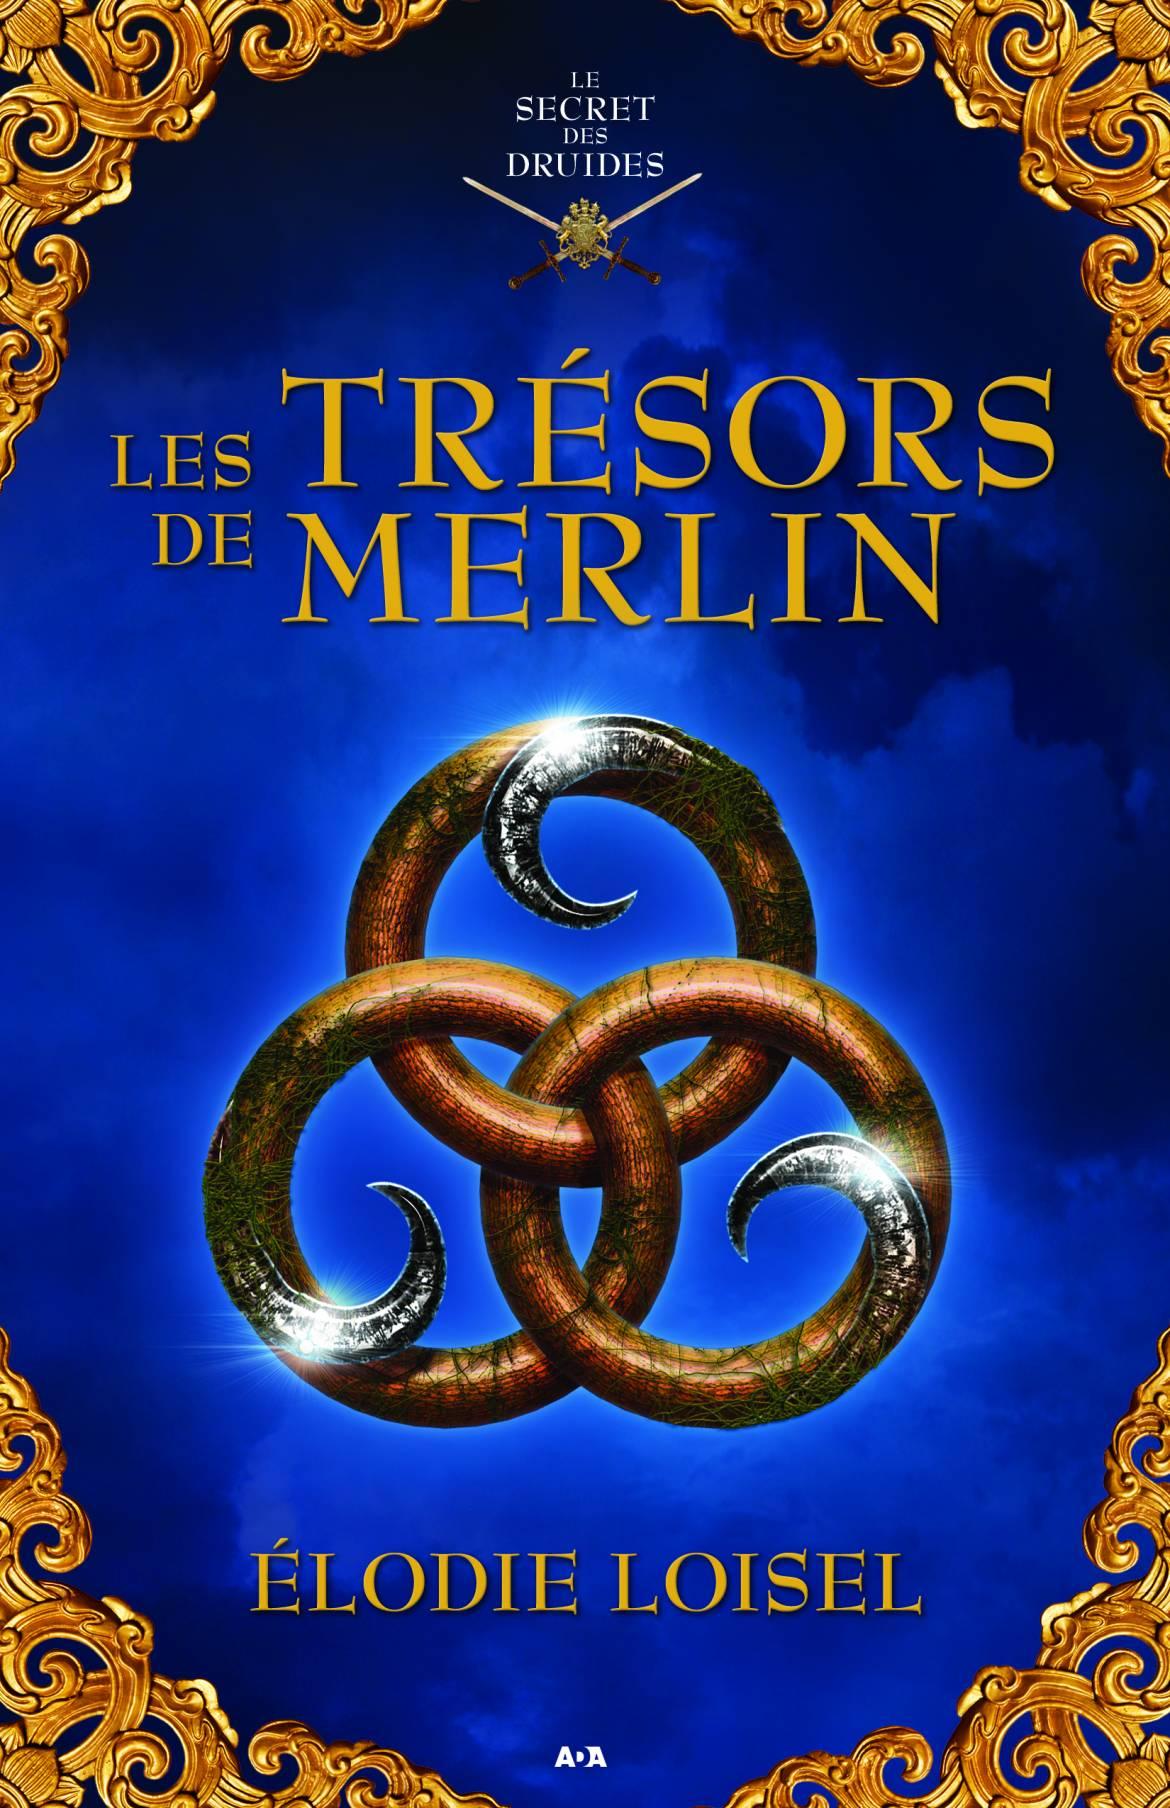 Le-secret-des-druides-les-trésors-de-Merlin-Elodie-Loisel.jpg